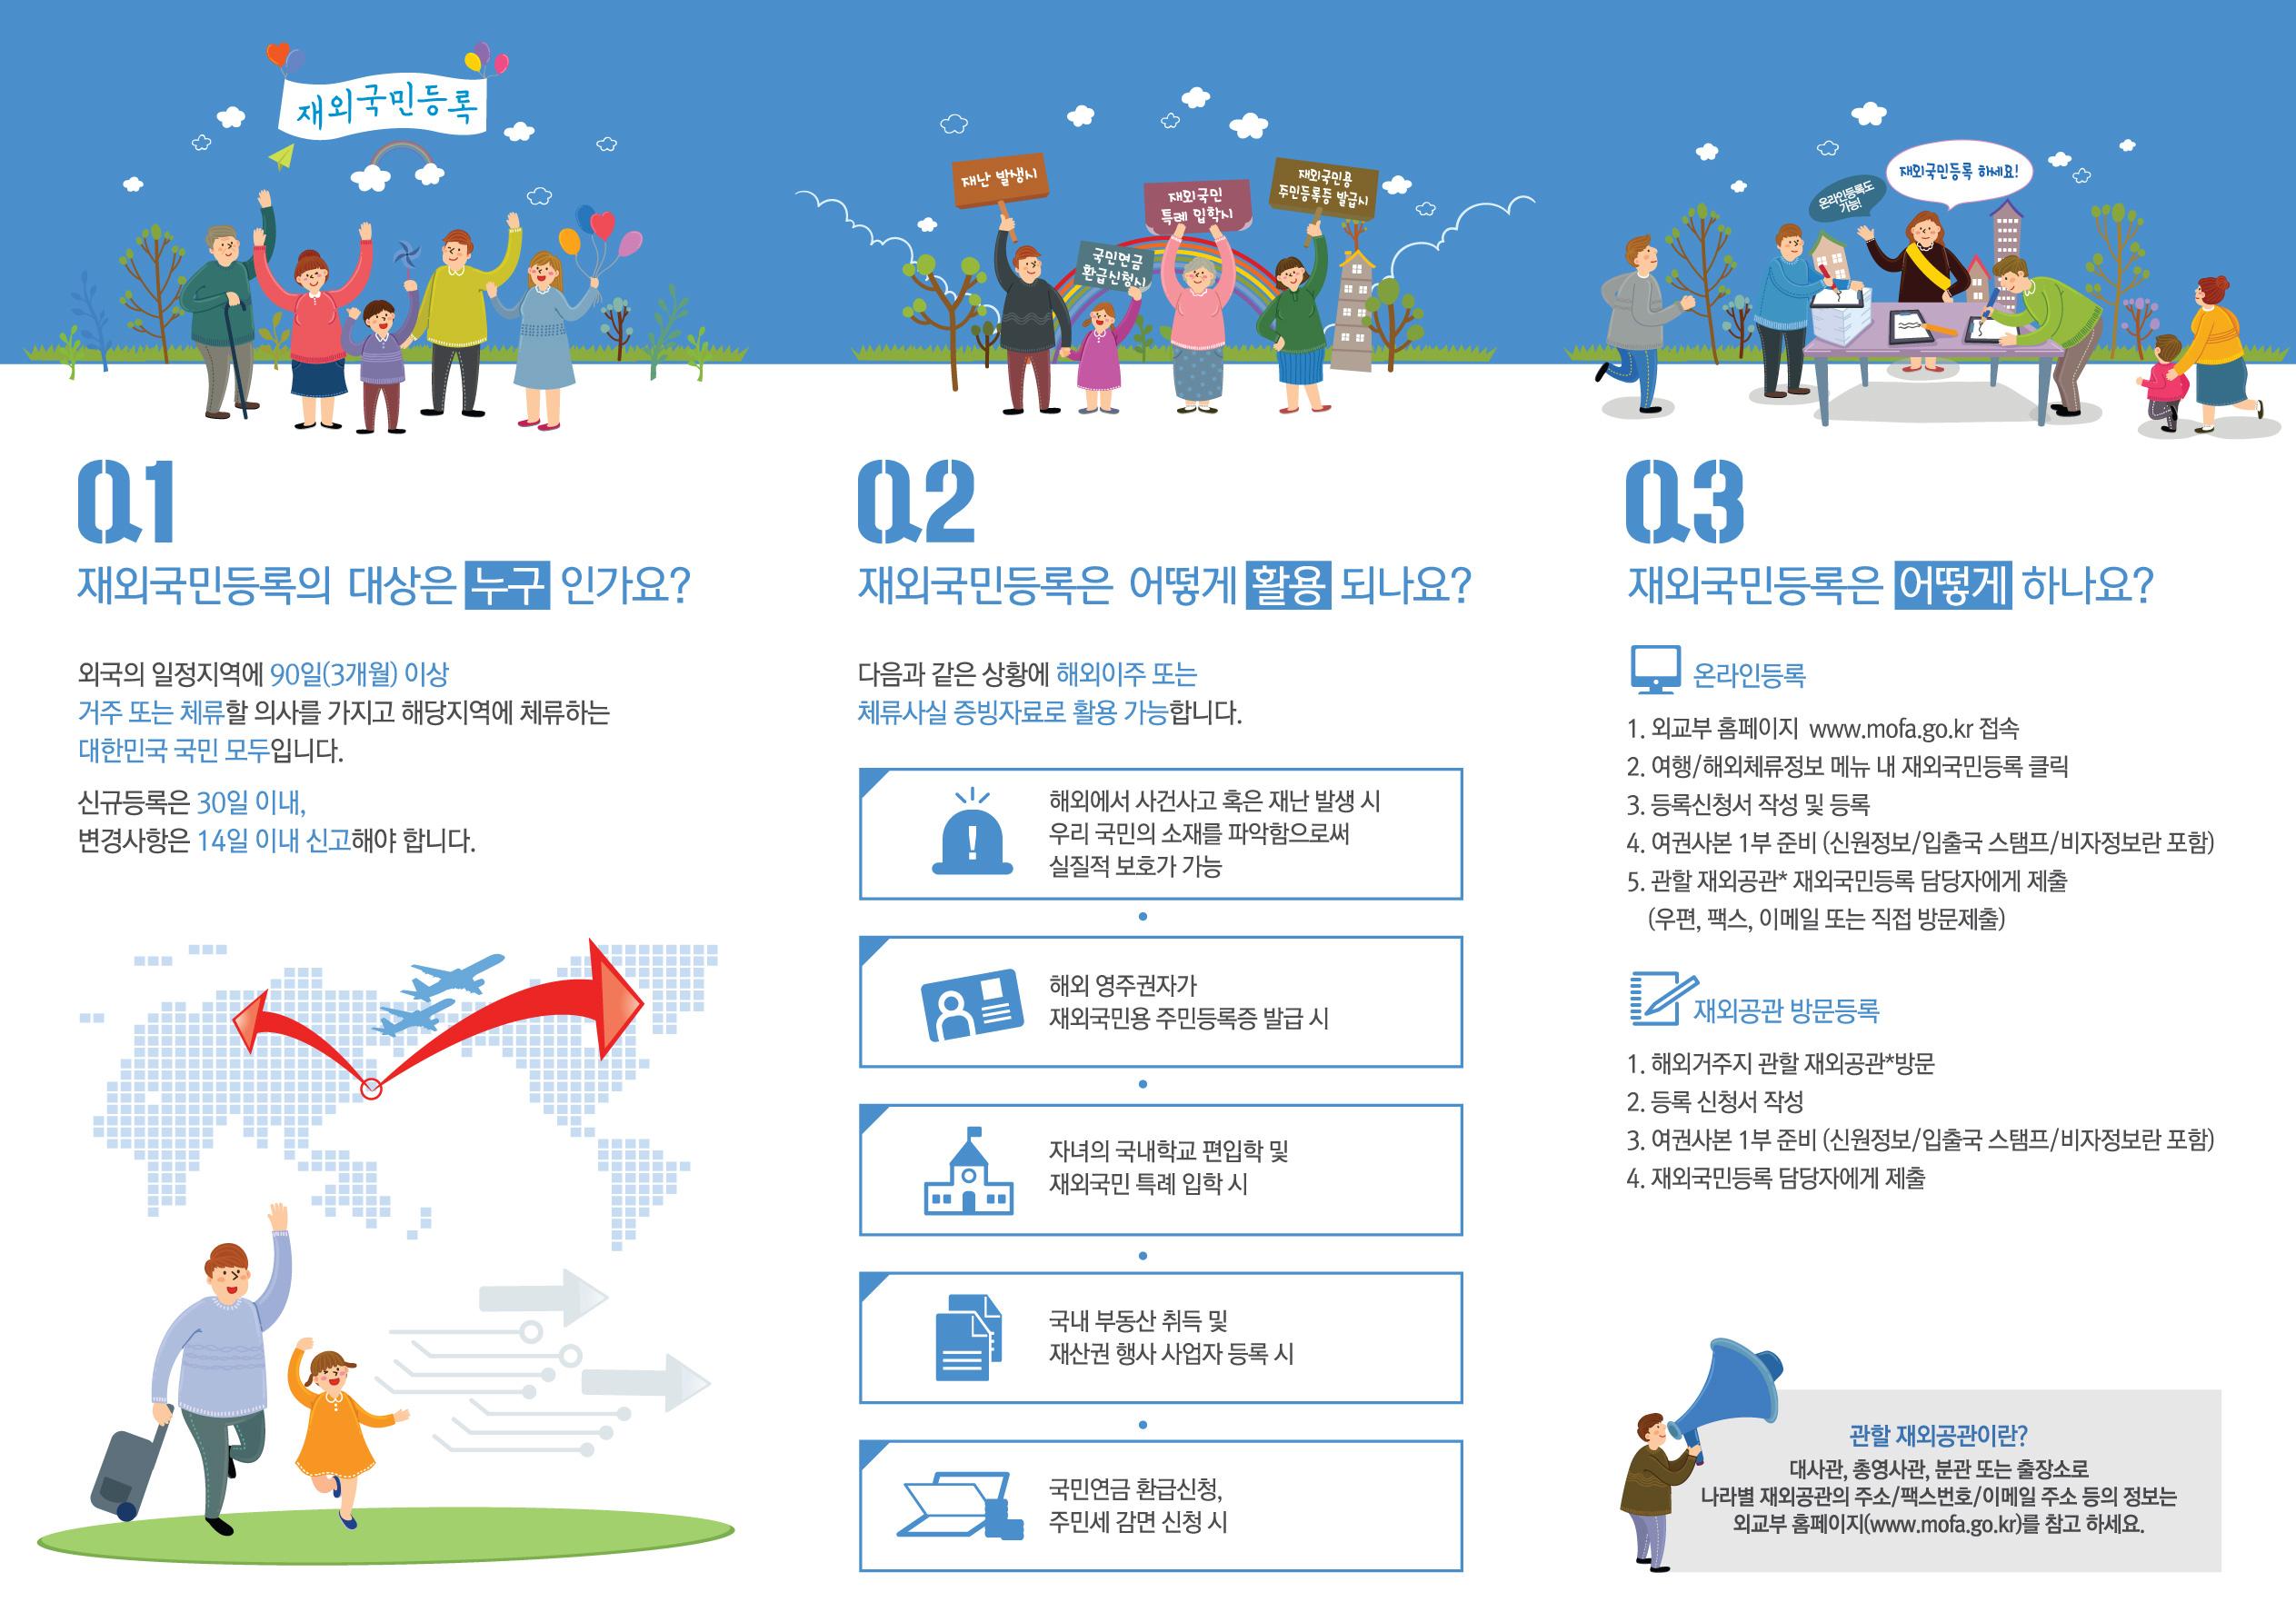 재외국민등록 홍보 리플릿2.jpg